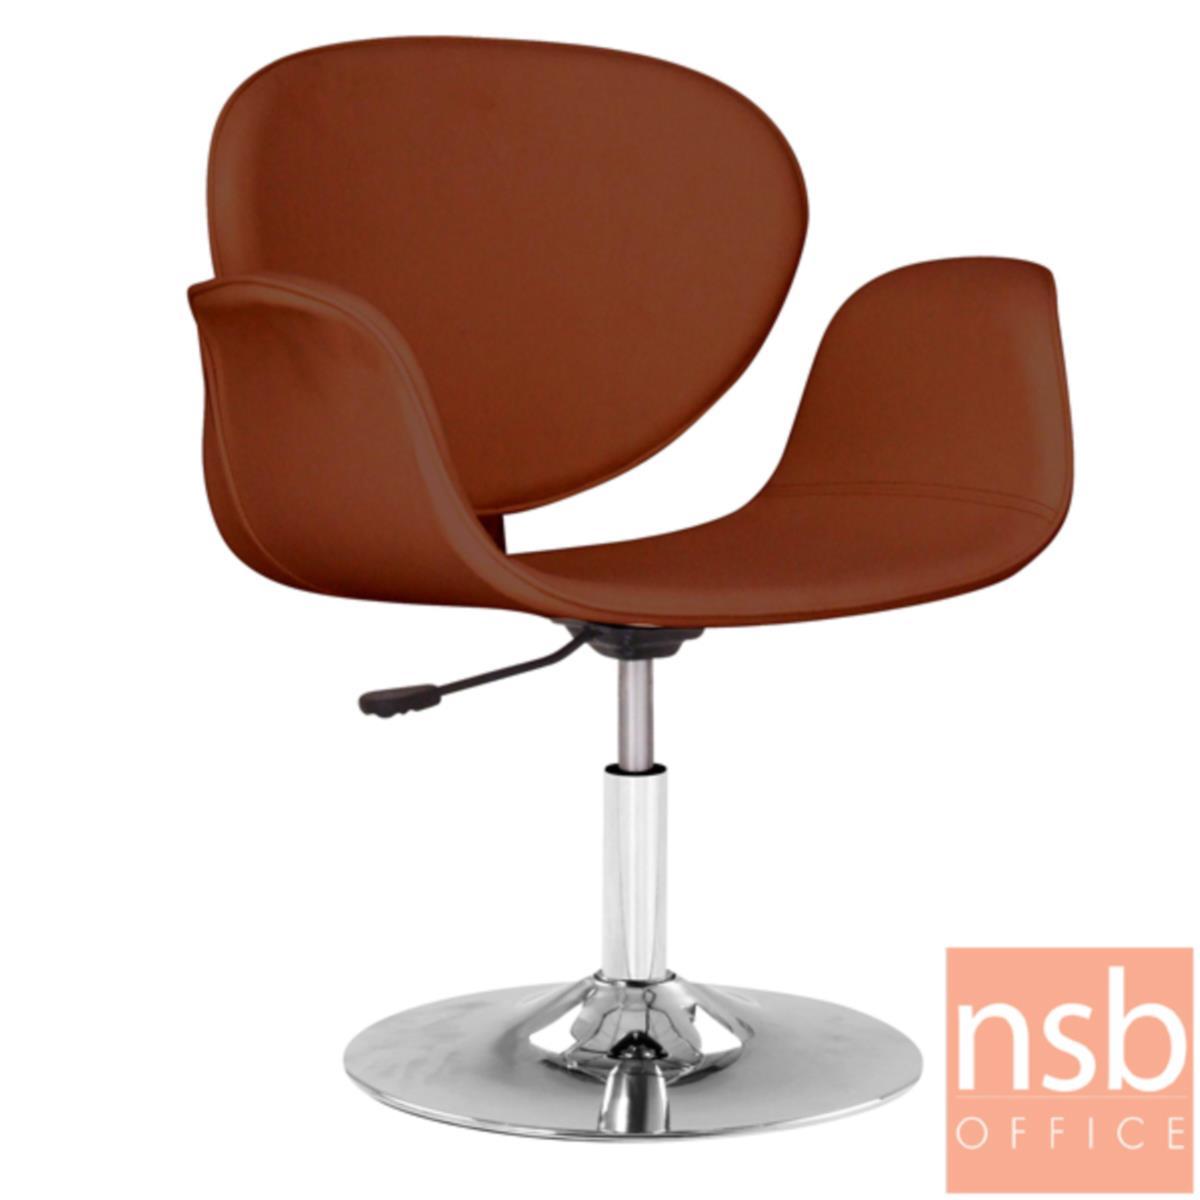 B22A004:เก้าอี้พักผ่อนหนังเทียม รุ่น Wilmington (วิลมิงตัน) ขนาด 70W cm. ขาจานชุบโครเมียม